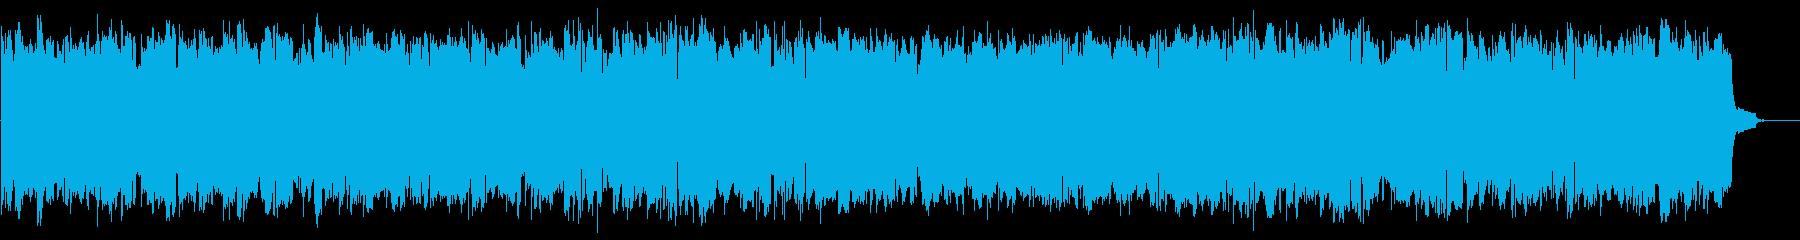 コンピューターのピコピコB 近未来な音の再生済みの波形